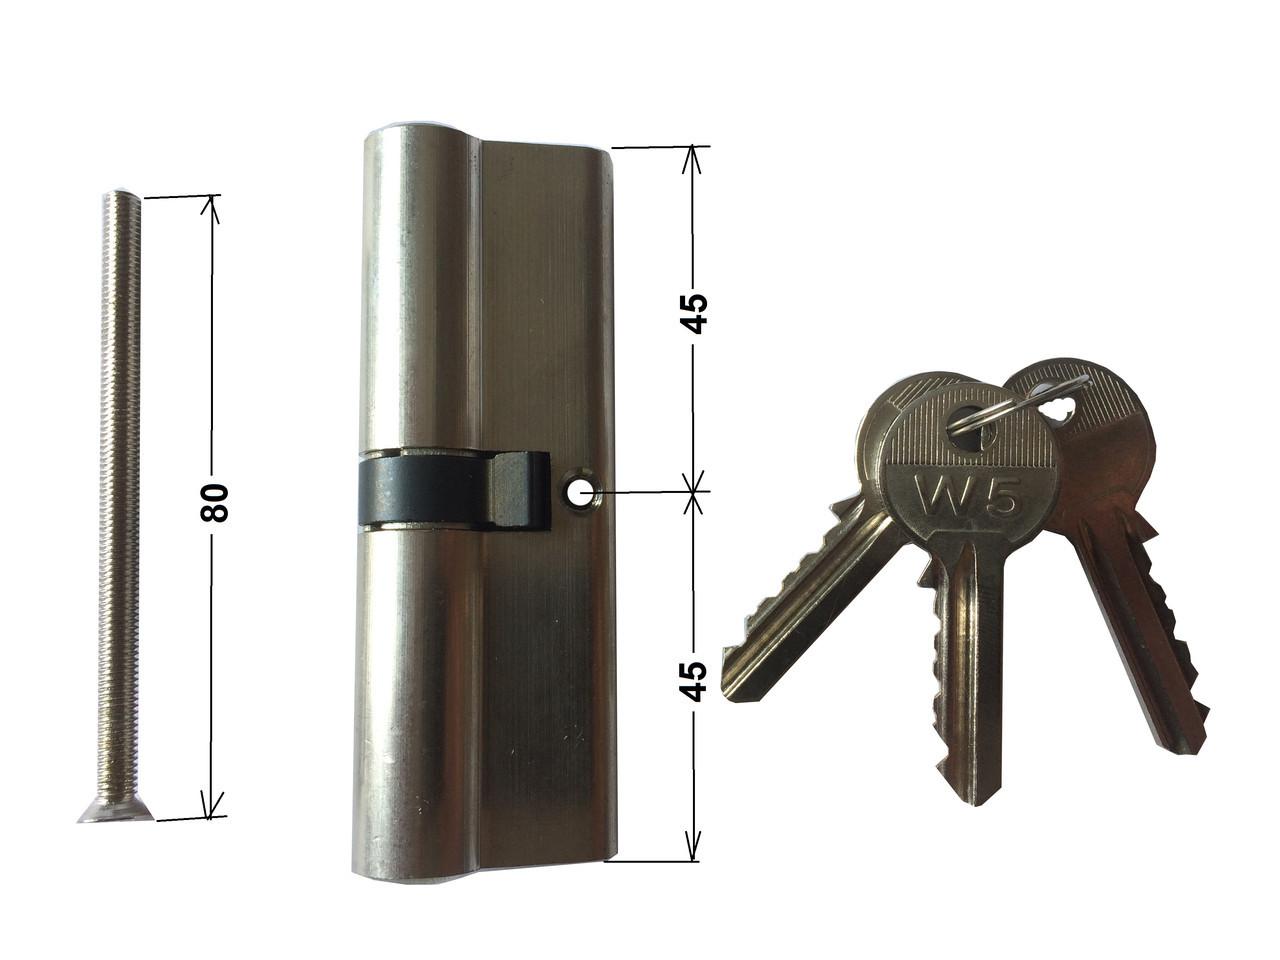 Цилиндр для дверного замка W5 45 на 45 N Winkhaus